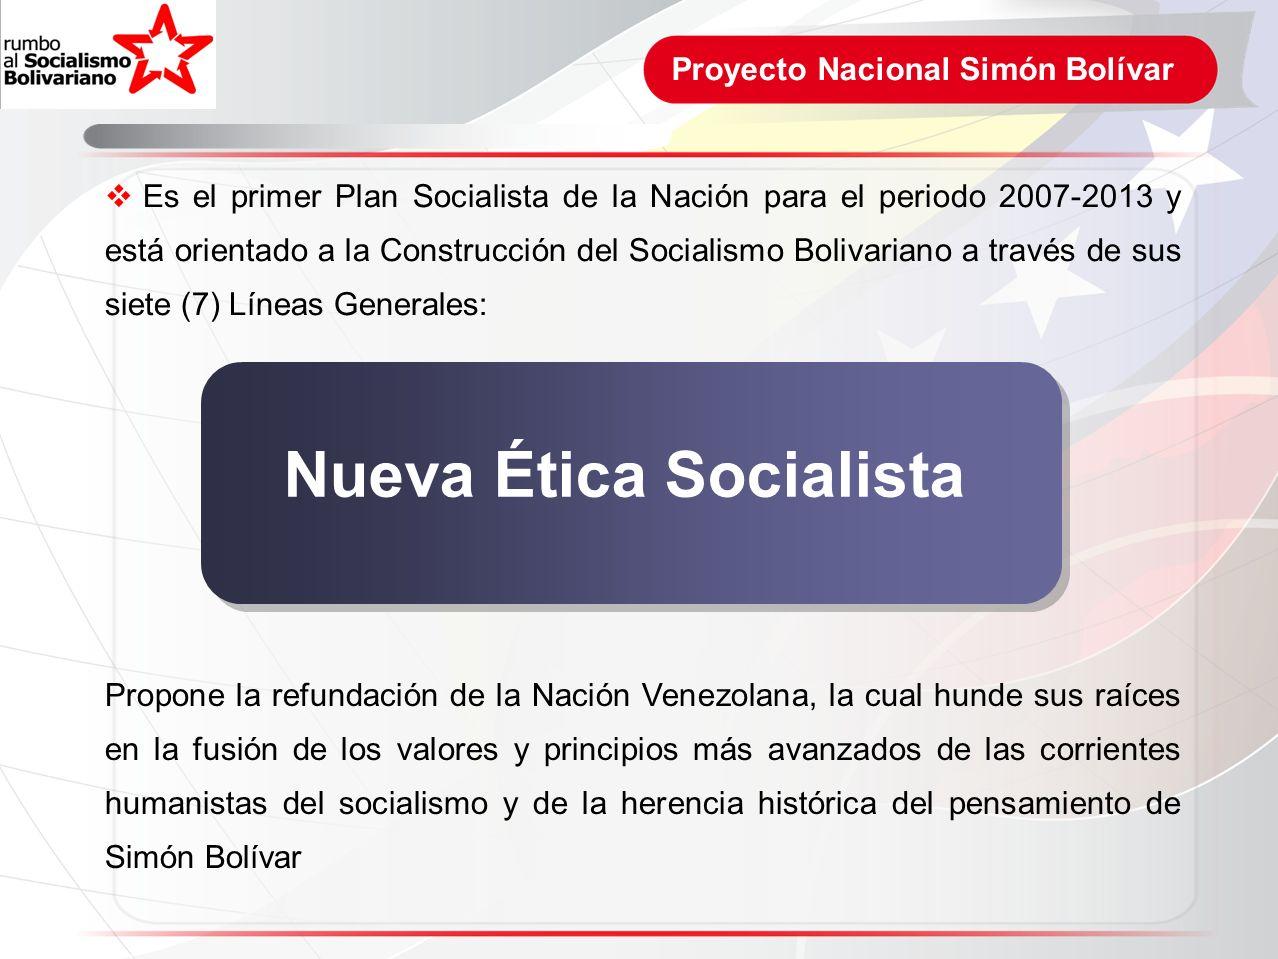 Proyecto Nacional Simón Bolívar Se fundamenta en el bolivarianismo, en la defensa, conservación y desarrollo de la vida humana y en la corresponsabilidad solidaria por la vida del otro en comunidad.